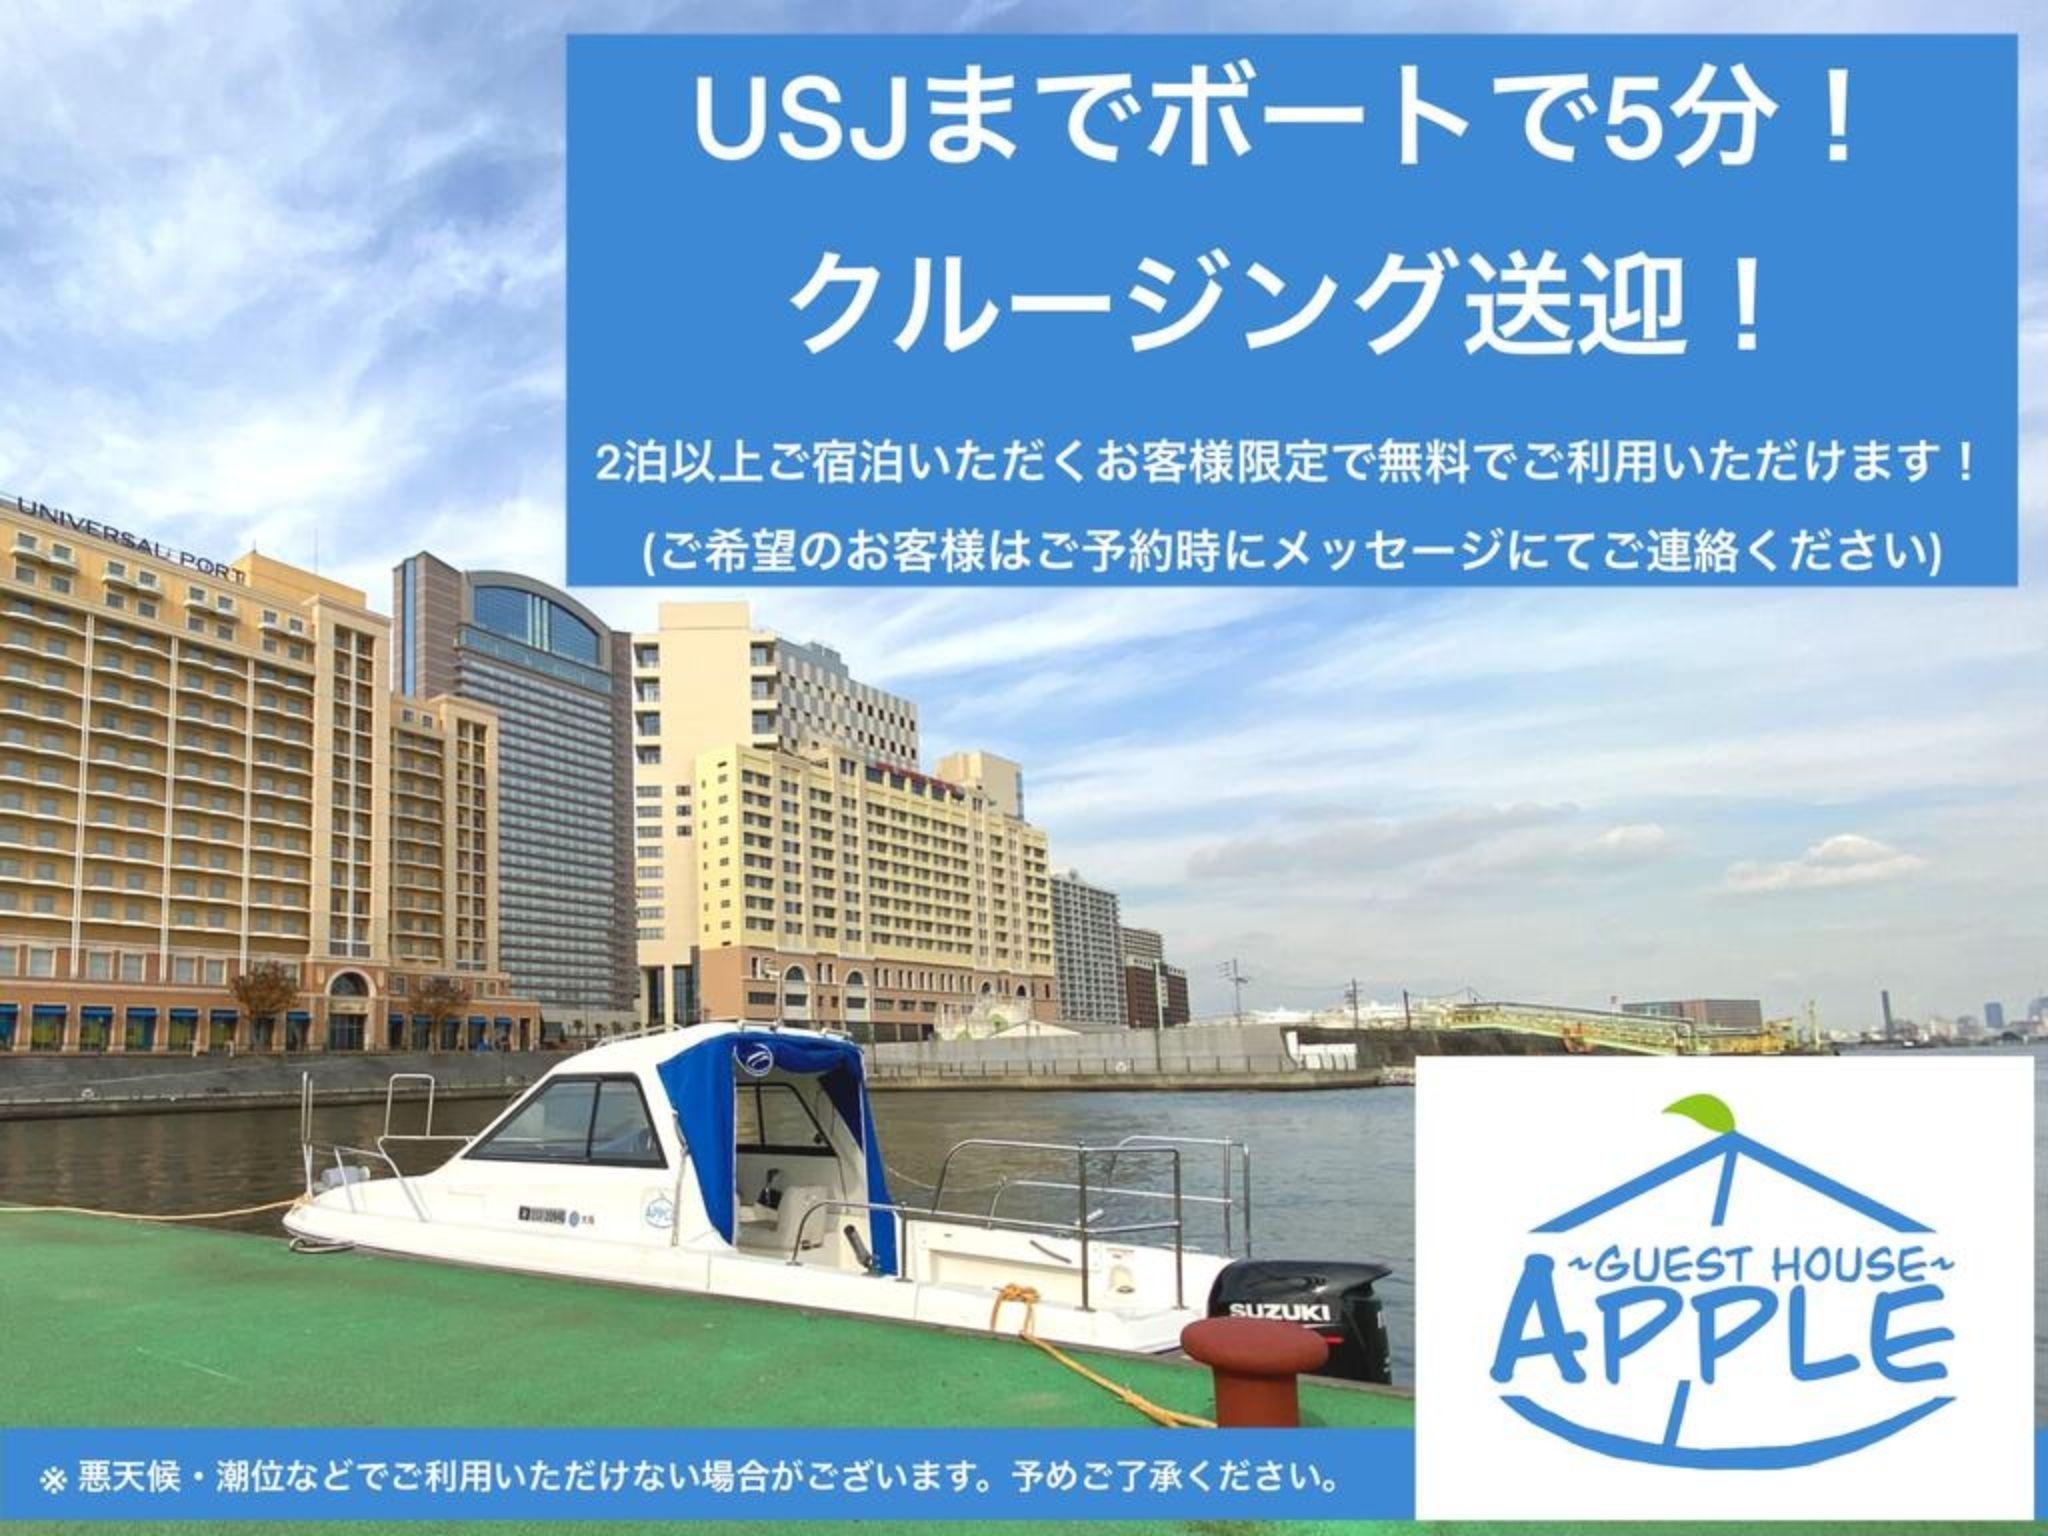 101号室(グラウンドフロア) USJまでボートで送迎5分!!